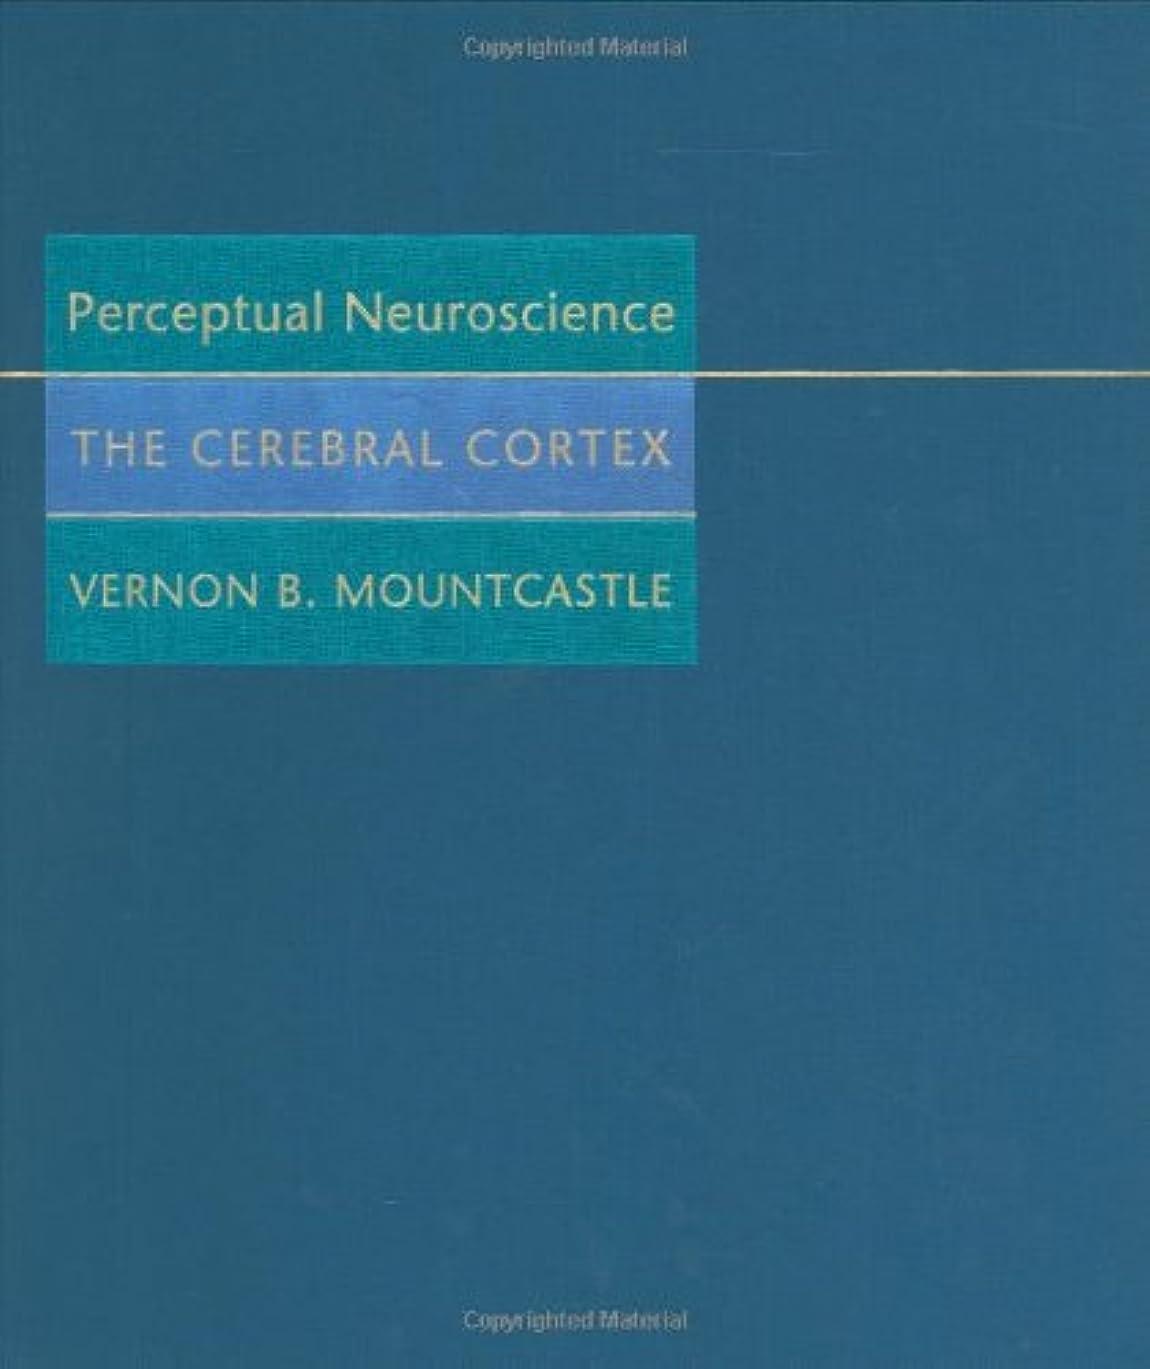 つかまえる二年生良心Perceptual Neuroscience: The Cerebral Cortex